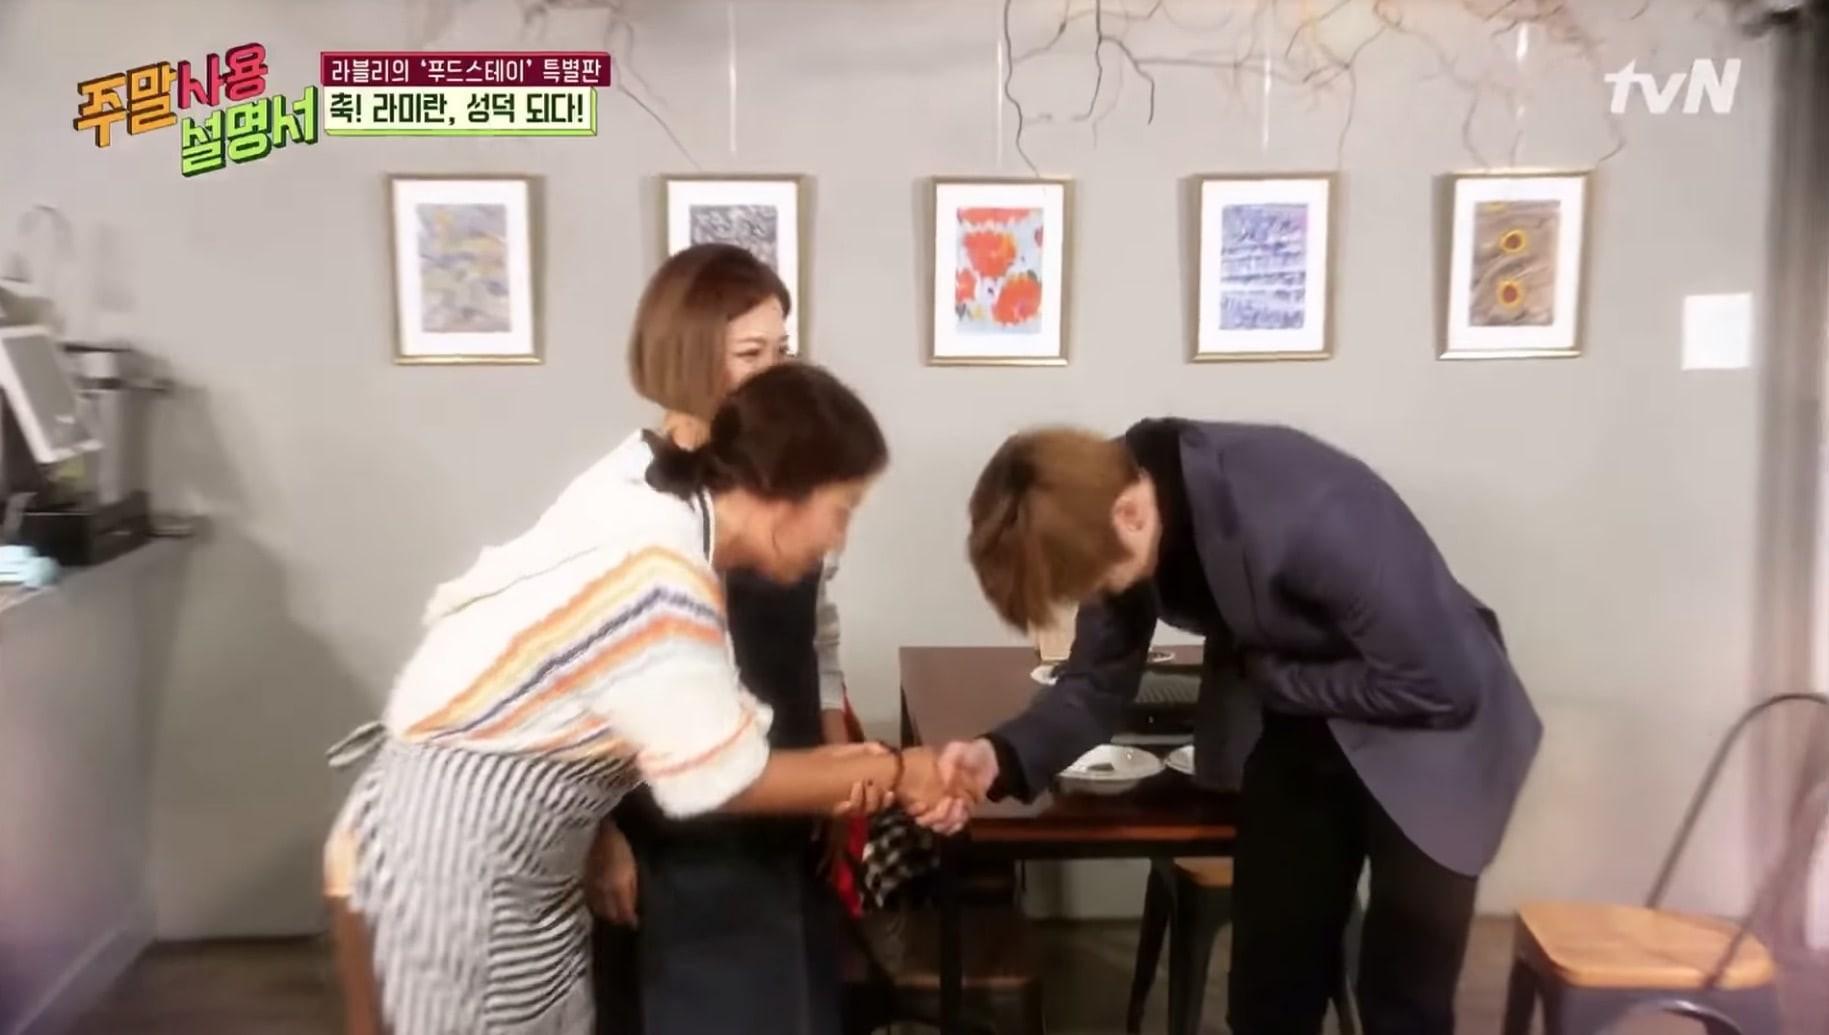 Fan girl 43 tuổi vui mừng đến mức trốn xuống bàn khi được gặp Kang Daniel bằng xương bằng thịt - Ảnh 4.